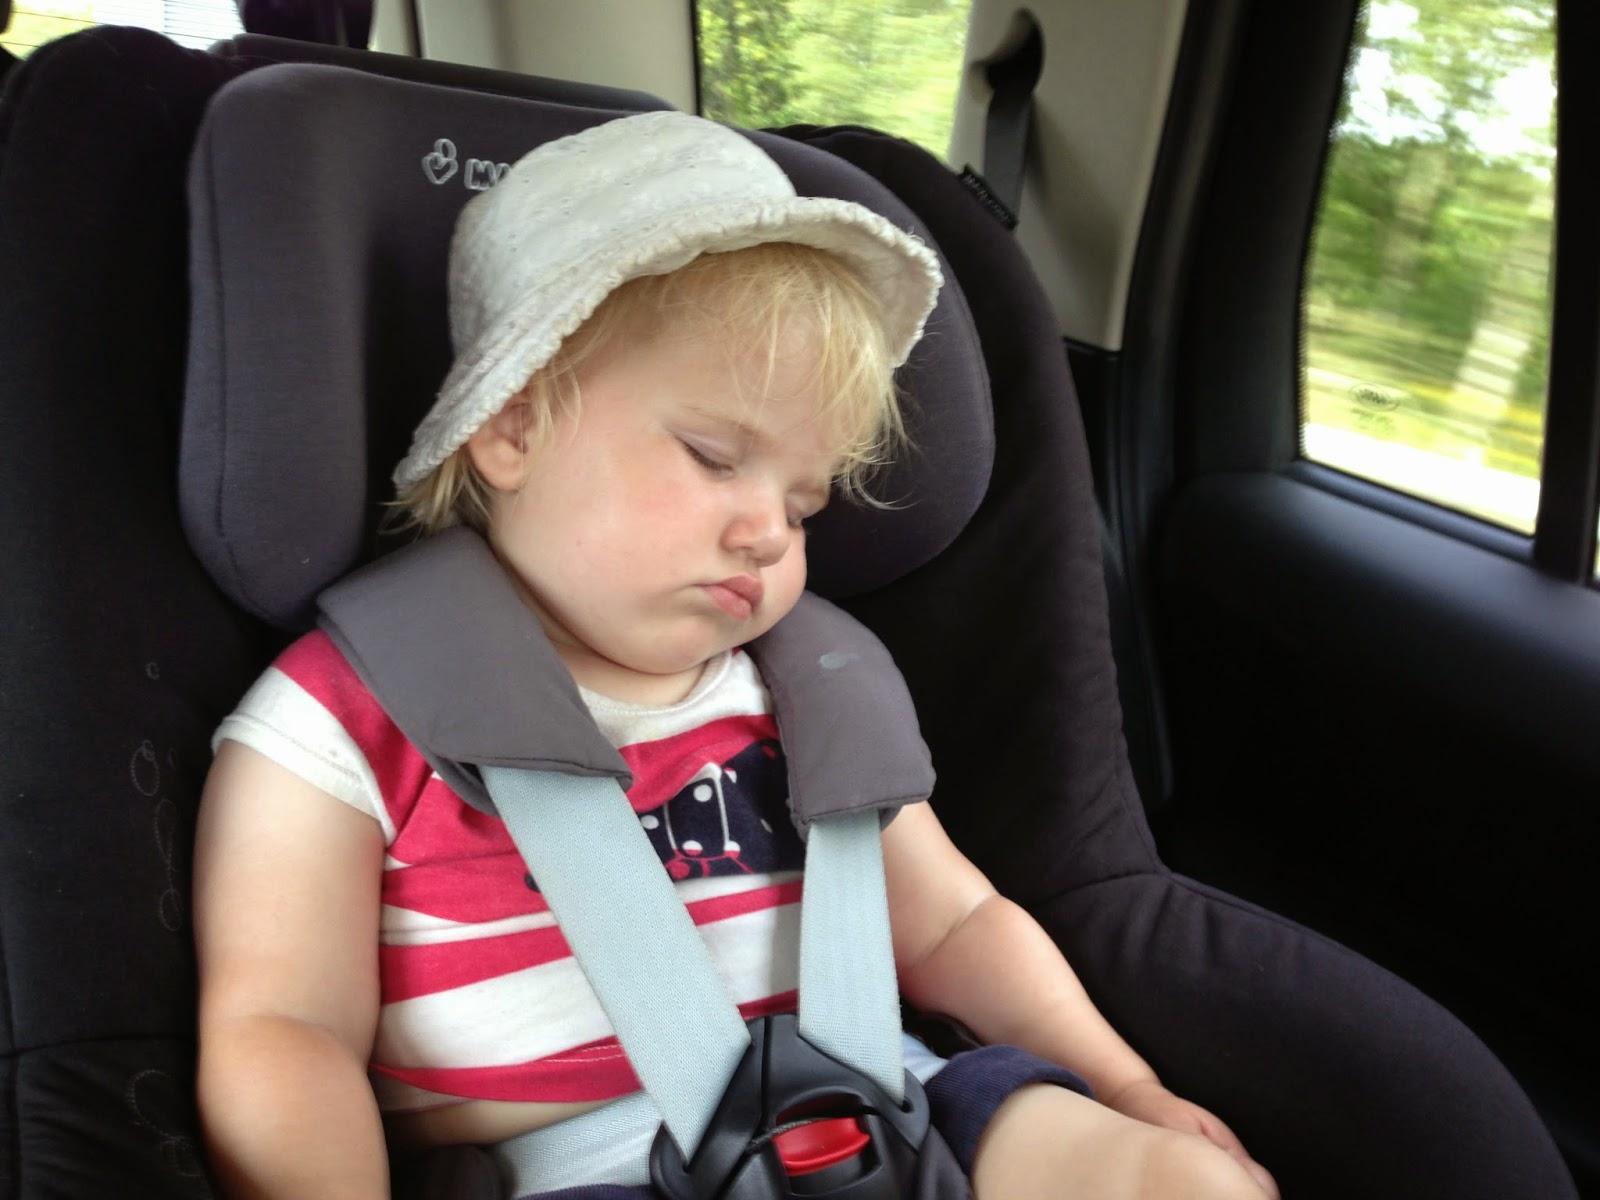 Tin Box Tot sleeping in her car seat